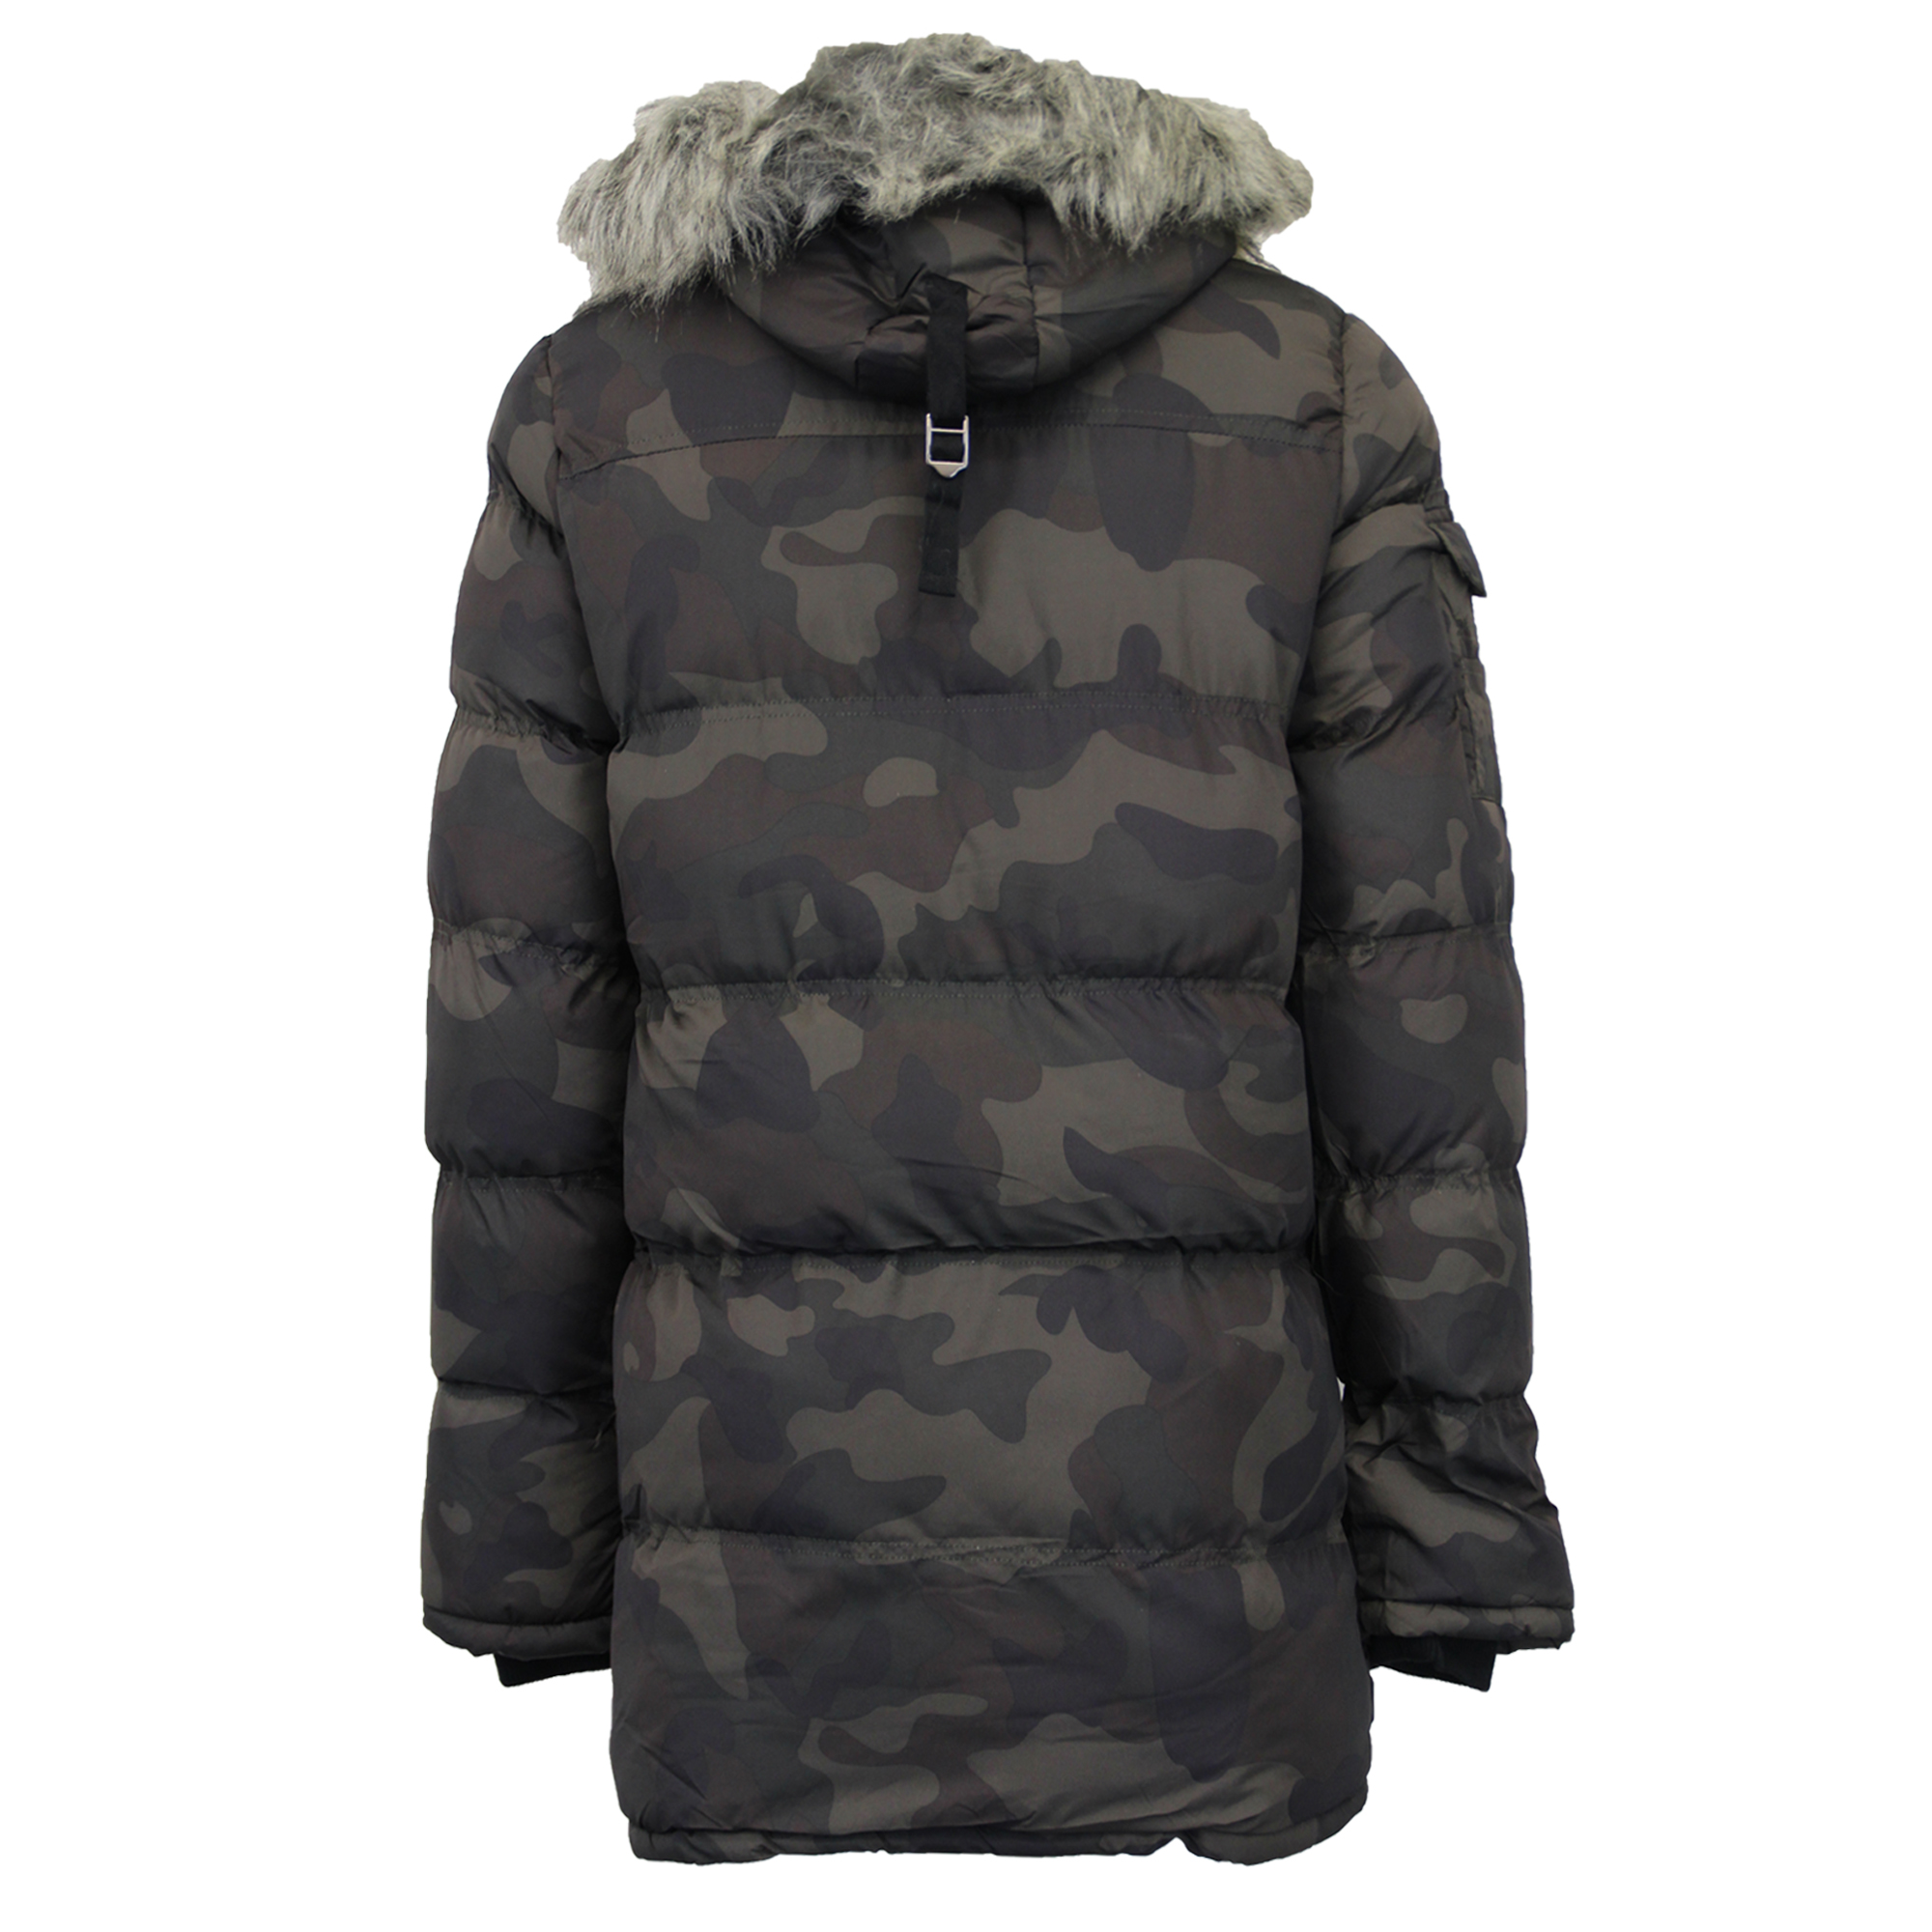 Mens Bubble Parka Jacket Brave Soul Coat Camo Military